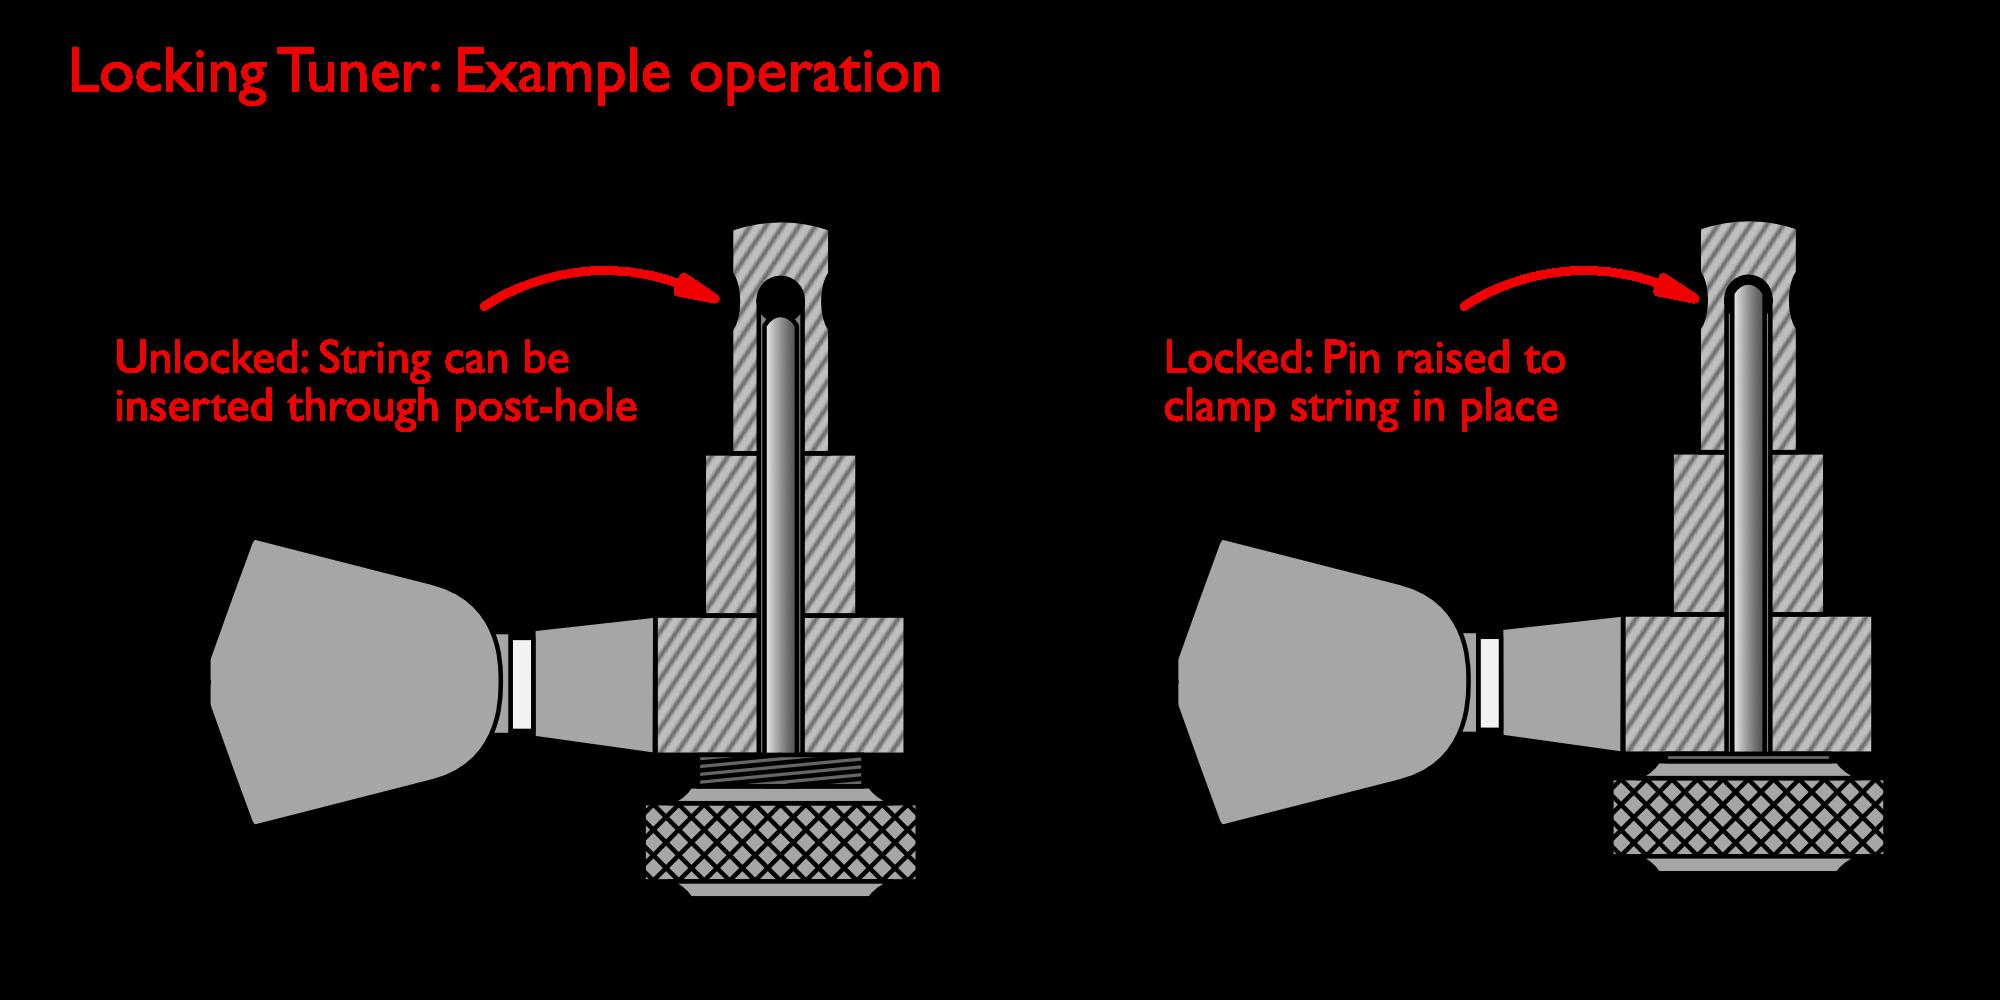 Basic locking tuner operation